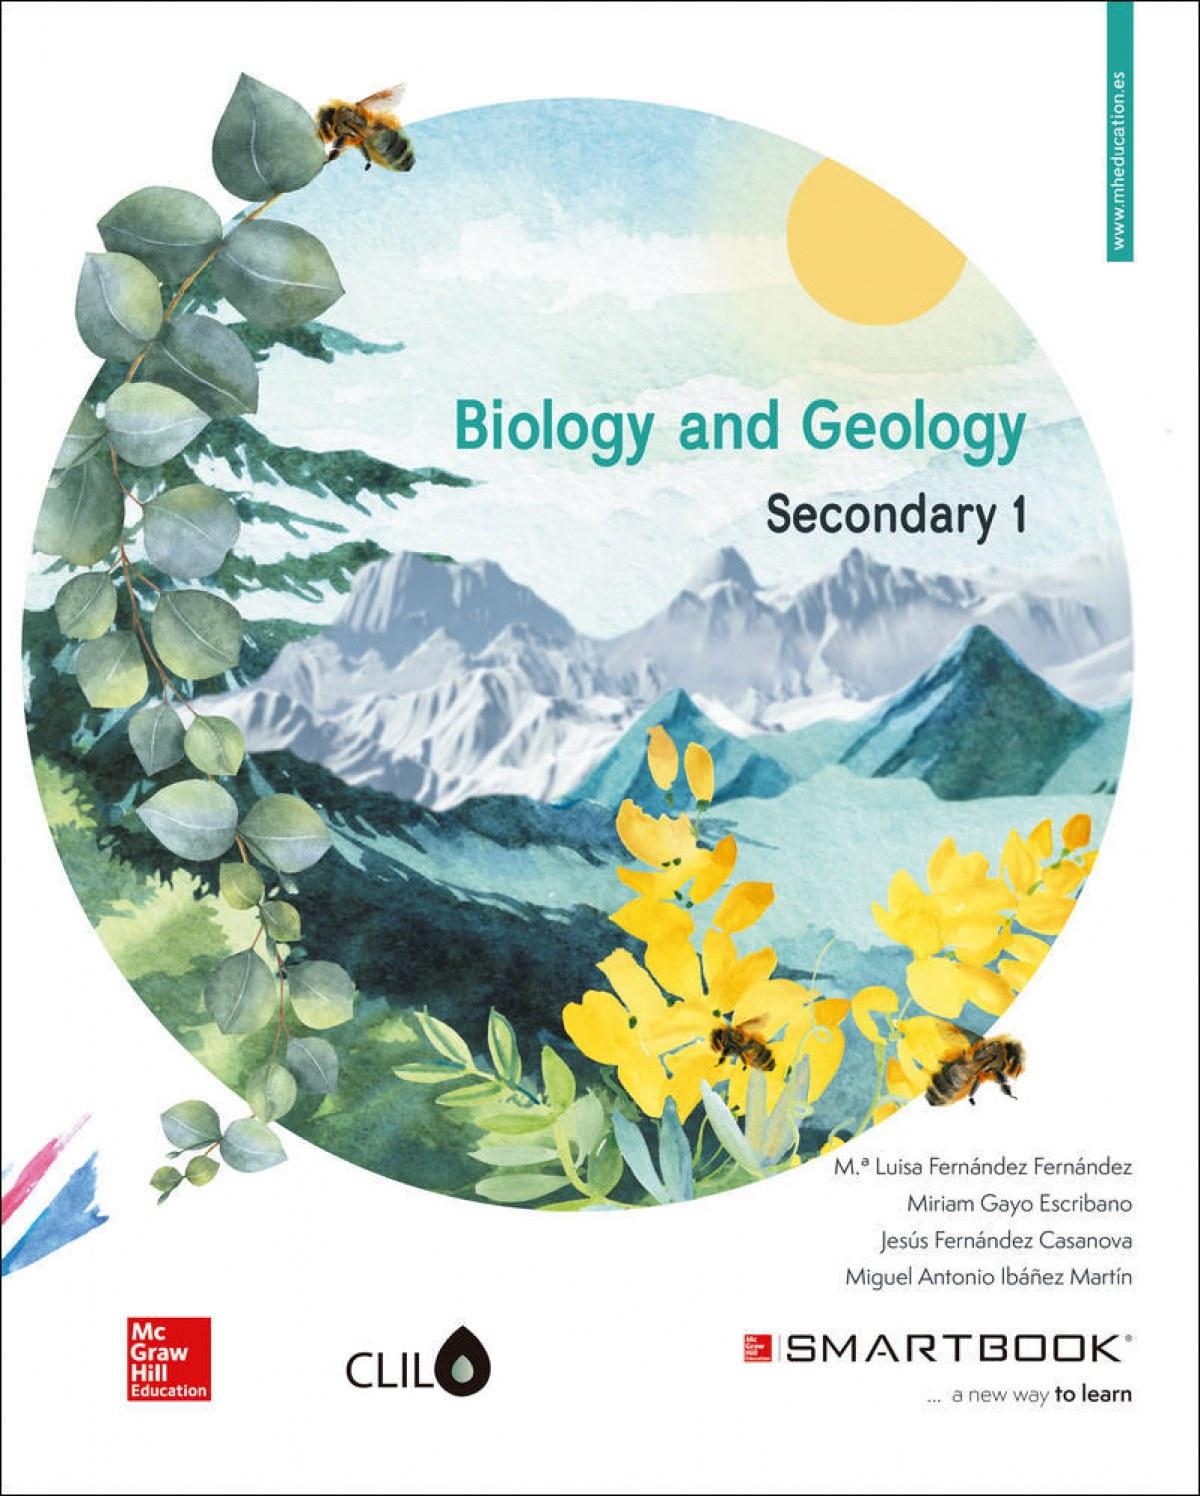 BIOLOGY AND GEOLOGY 1ºESO. (+SMARTBOOK). NOVA 2019